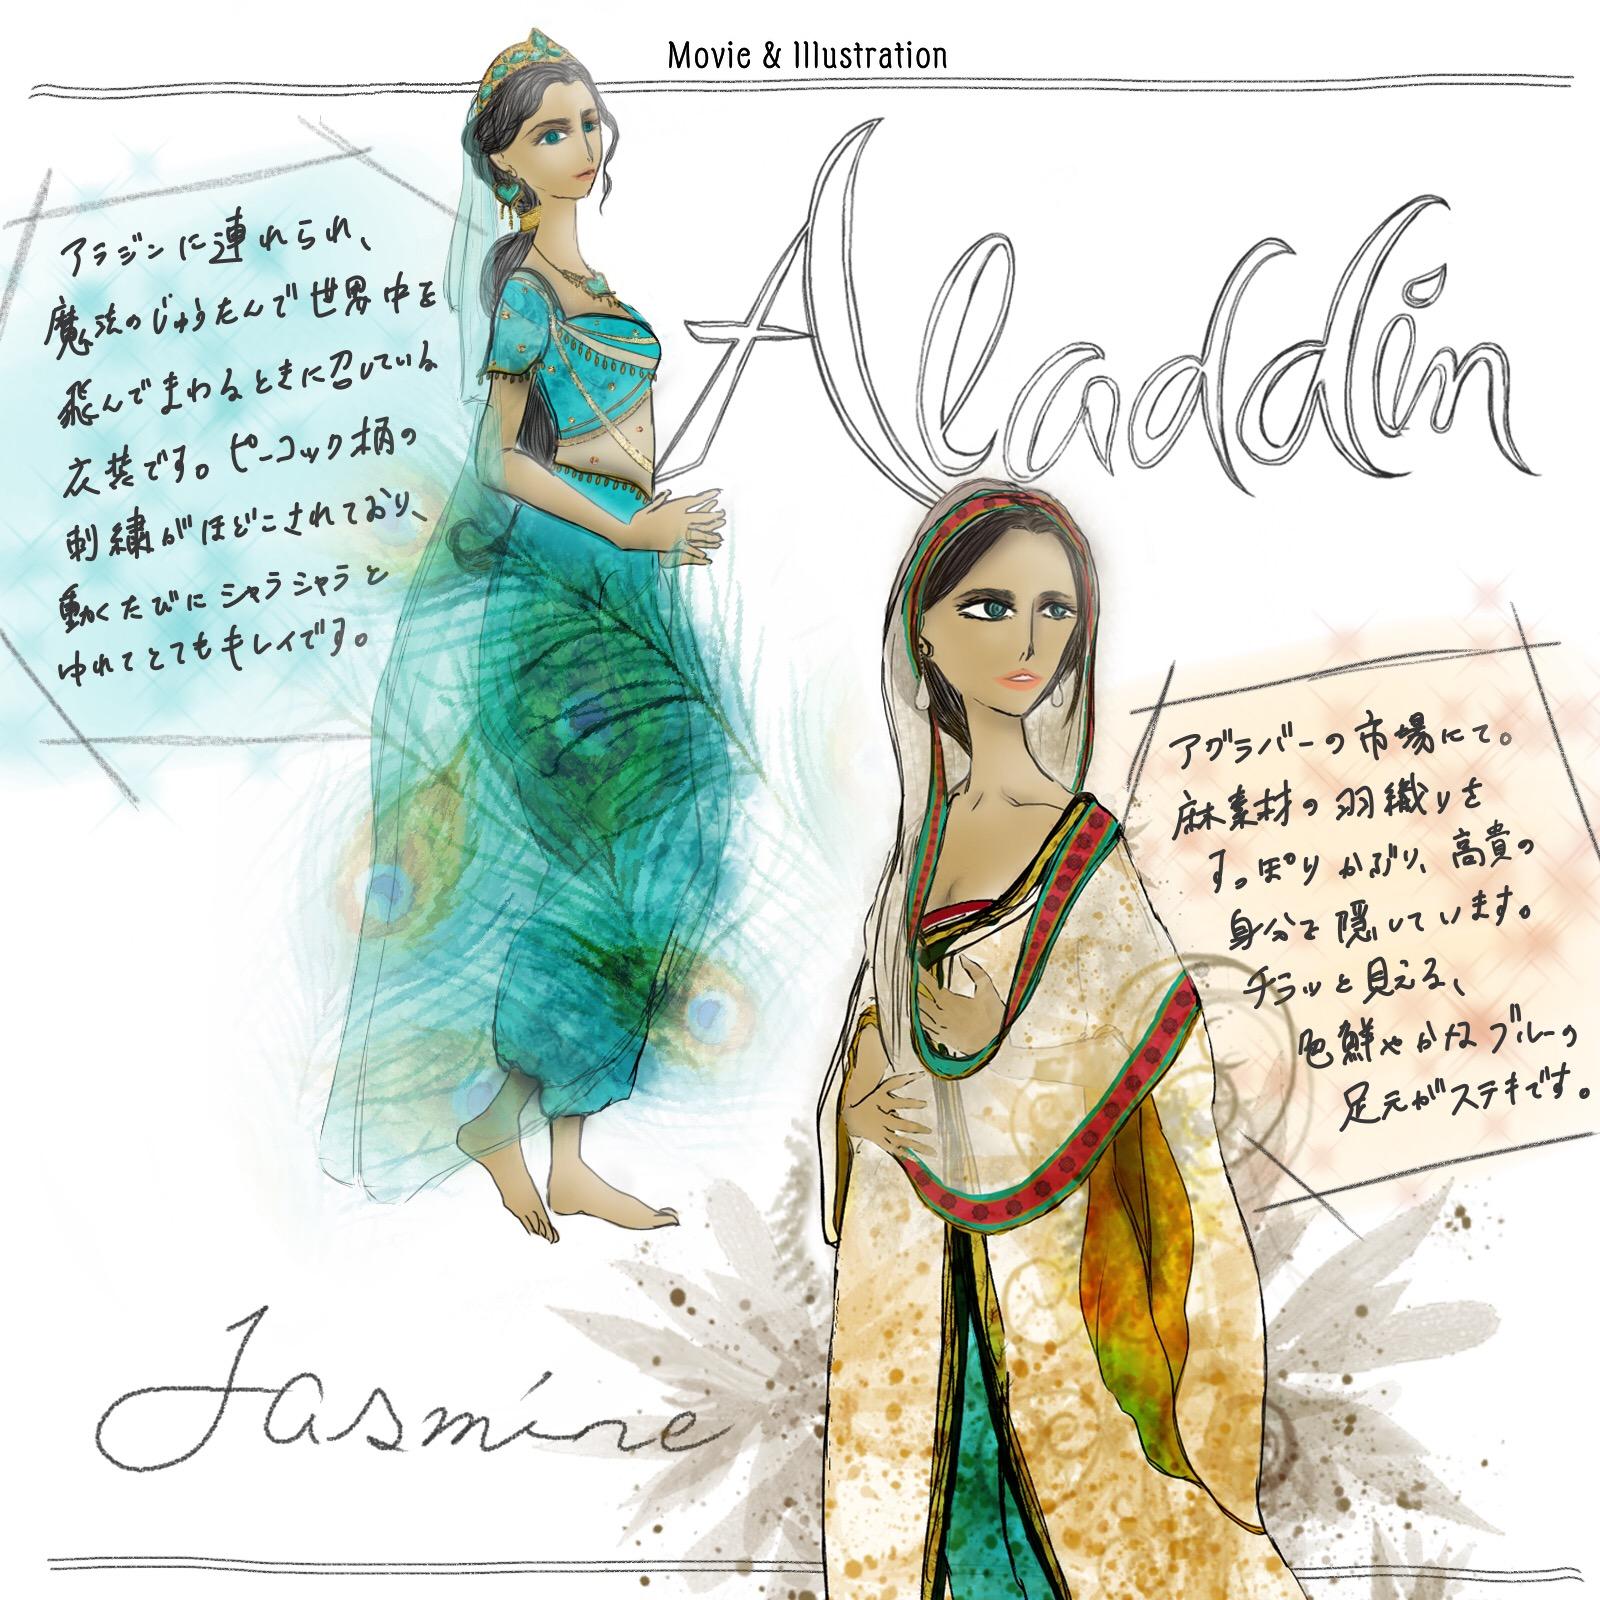 『アラジン』 ~ 異国のロマンスあふれる、不朽の名作 ~ img016 movie